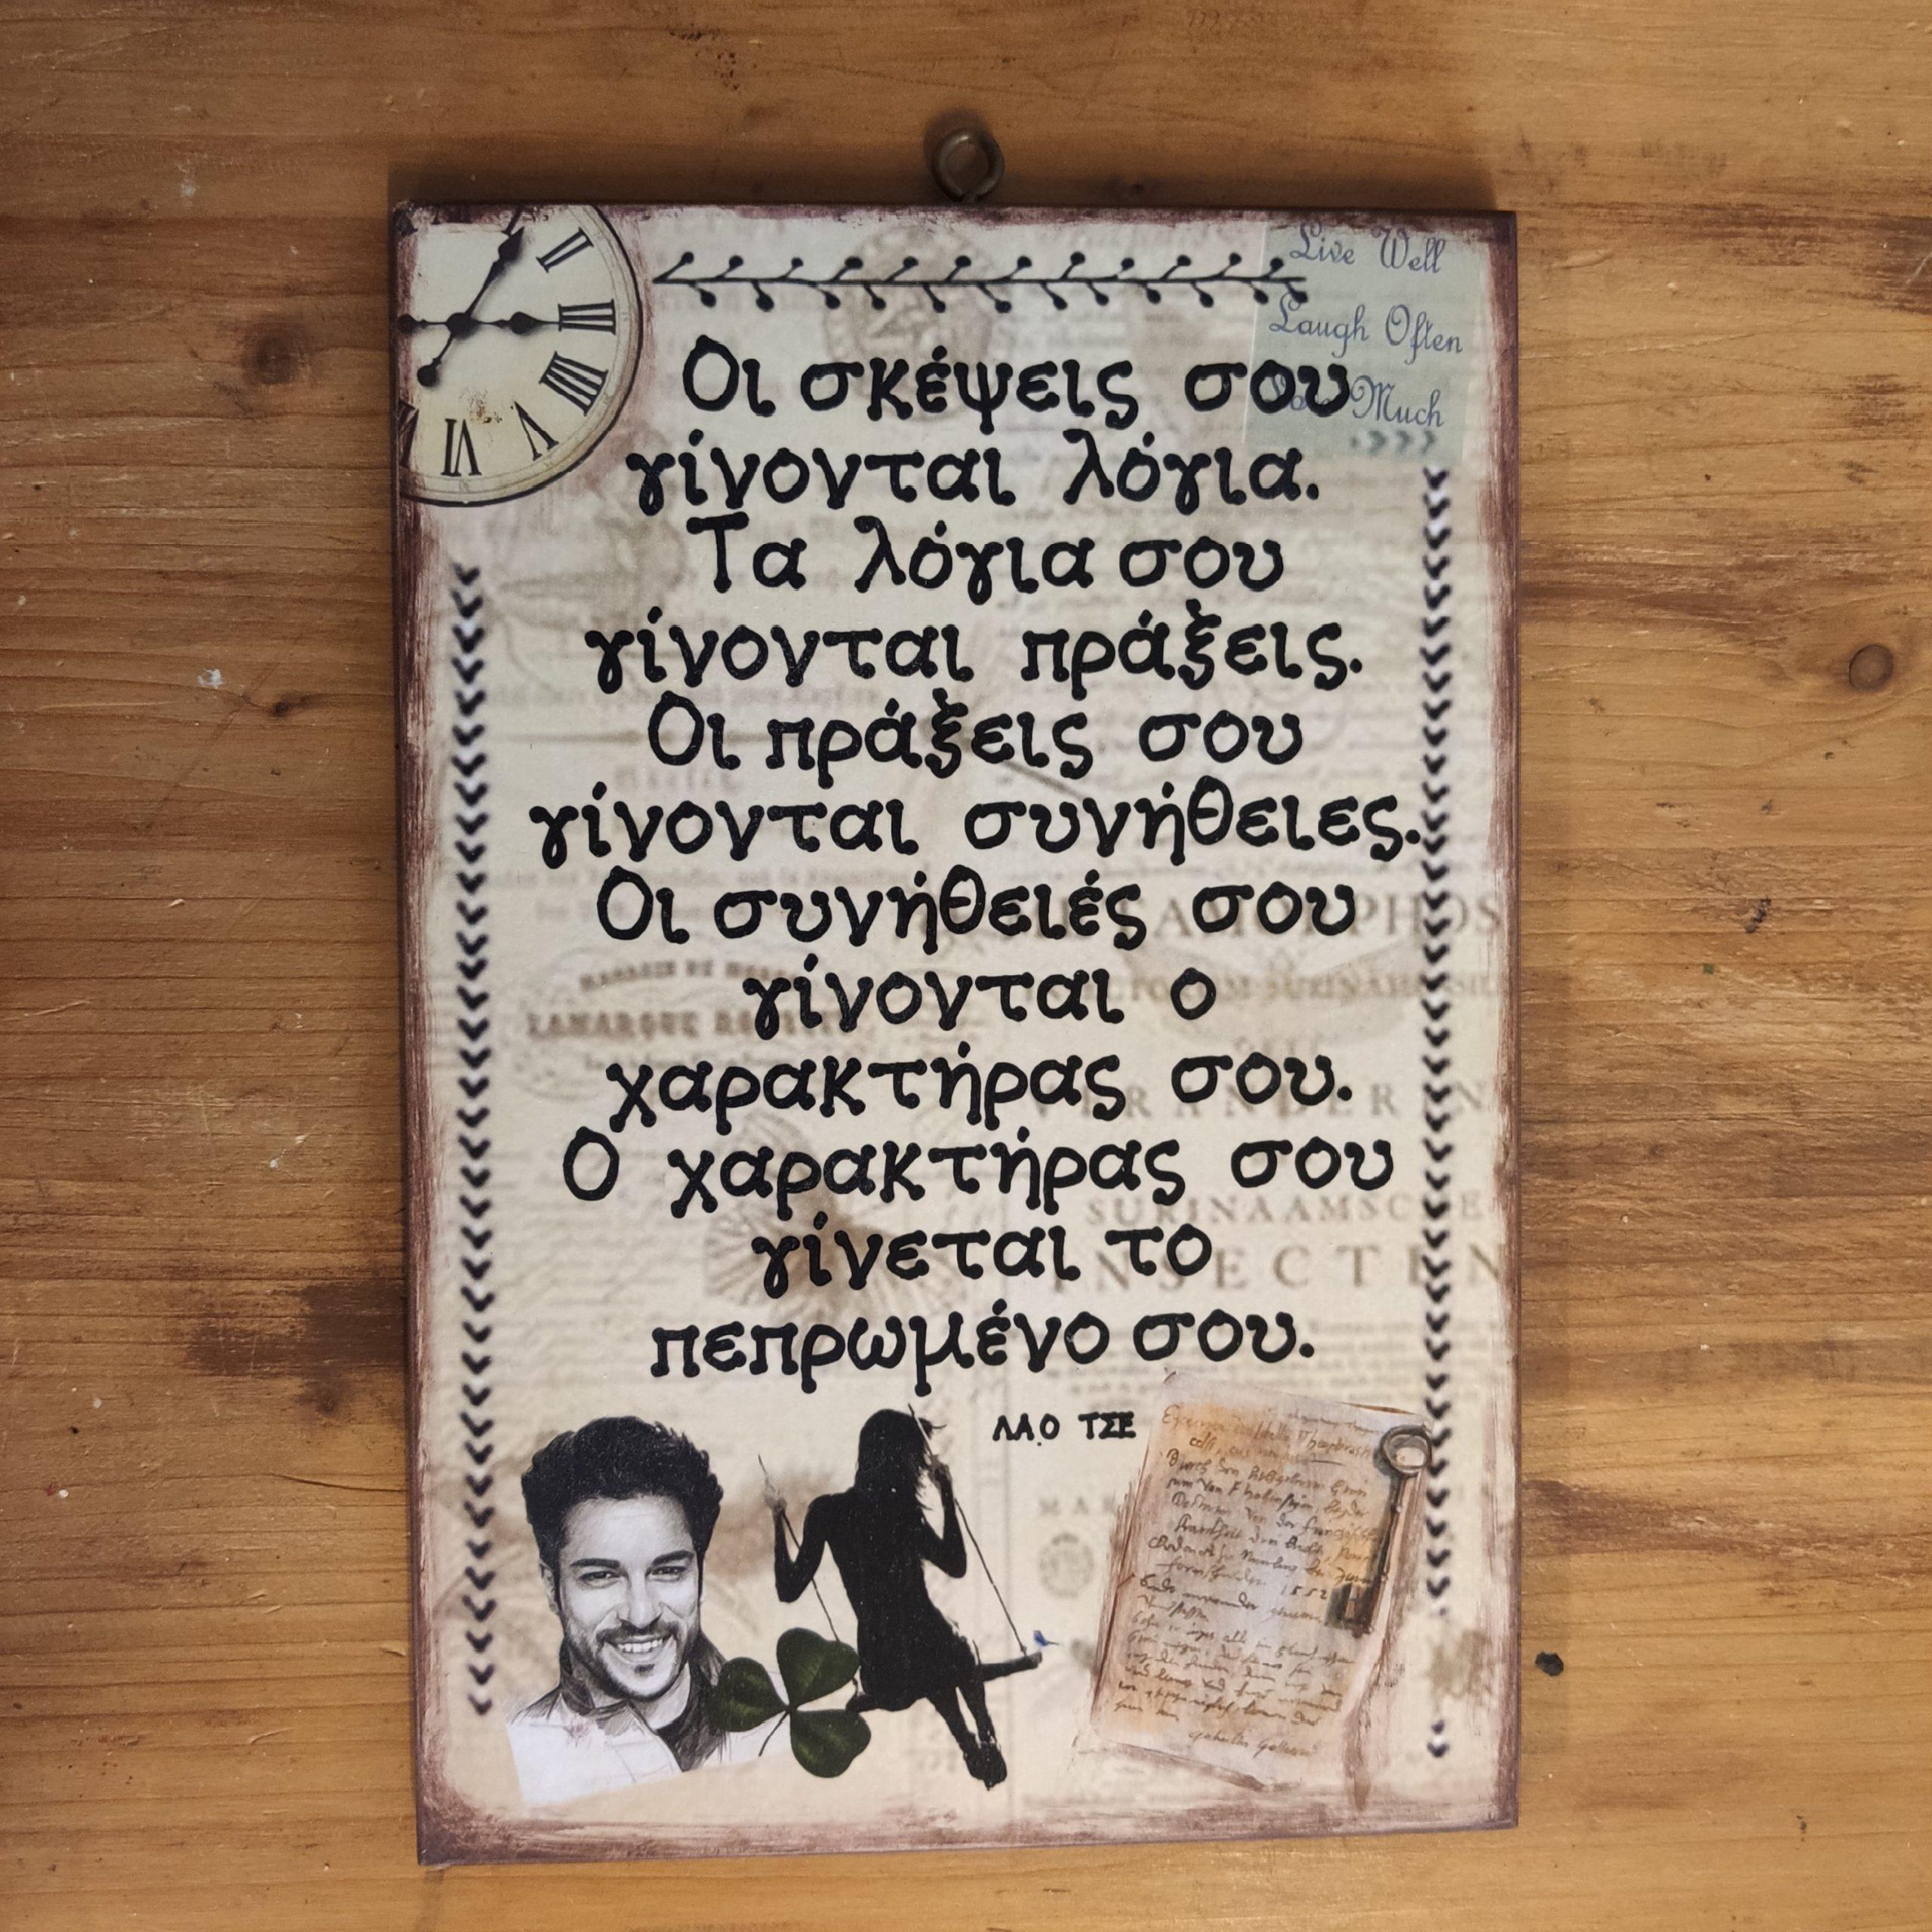 Ξύλινη πινακίδα – Οι σκέψεις σου γίνονται…